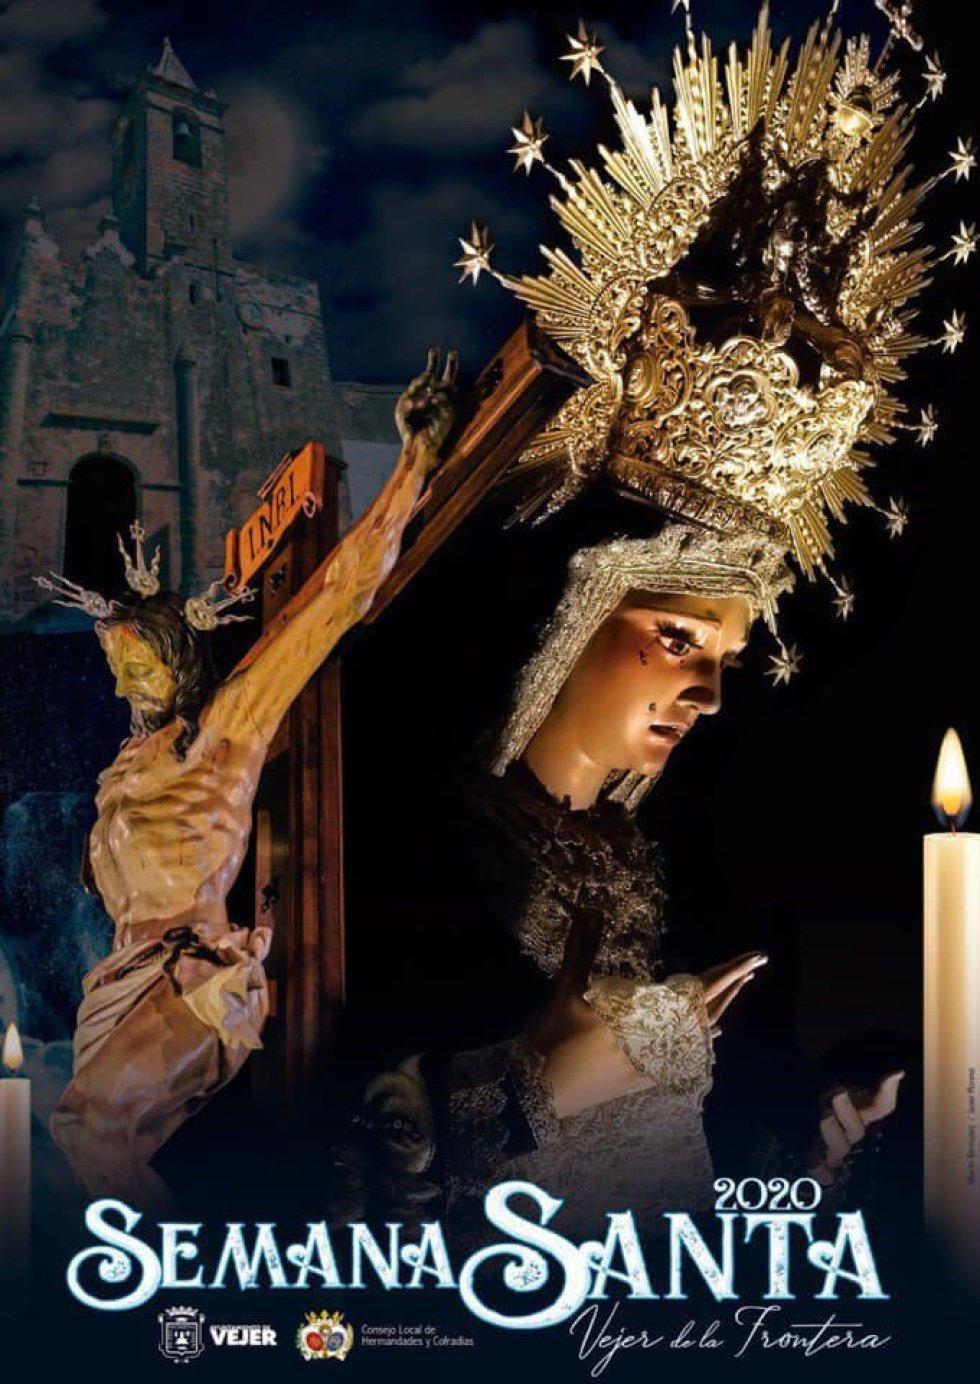 El cartel de la Semana Santa de Vejer de la Frontera muestra la imagen del Cristo de la Oliva y la Virgen de la Soledad en un montaje junto a la fachada de la Iglesia, obra del fotógrafo Javier Moreno y el diseñador Alberto Bermúdez.